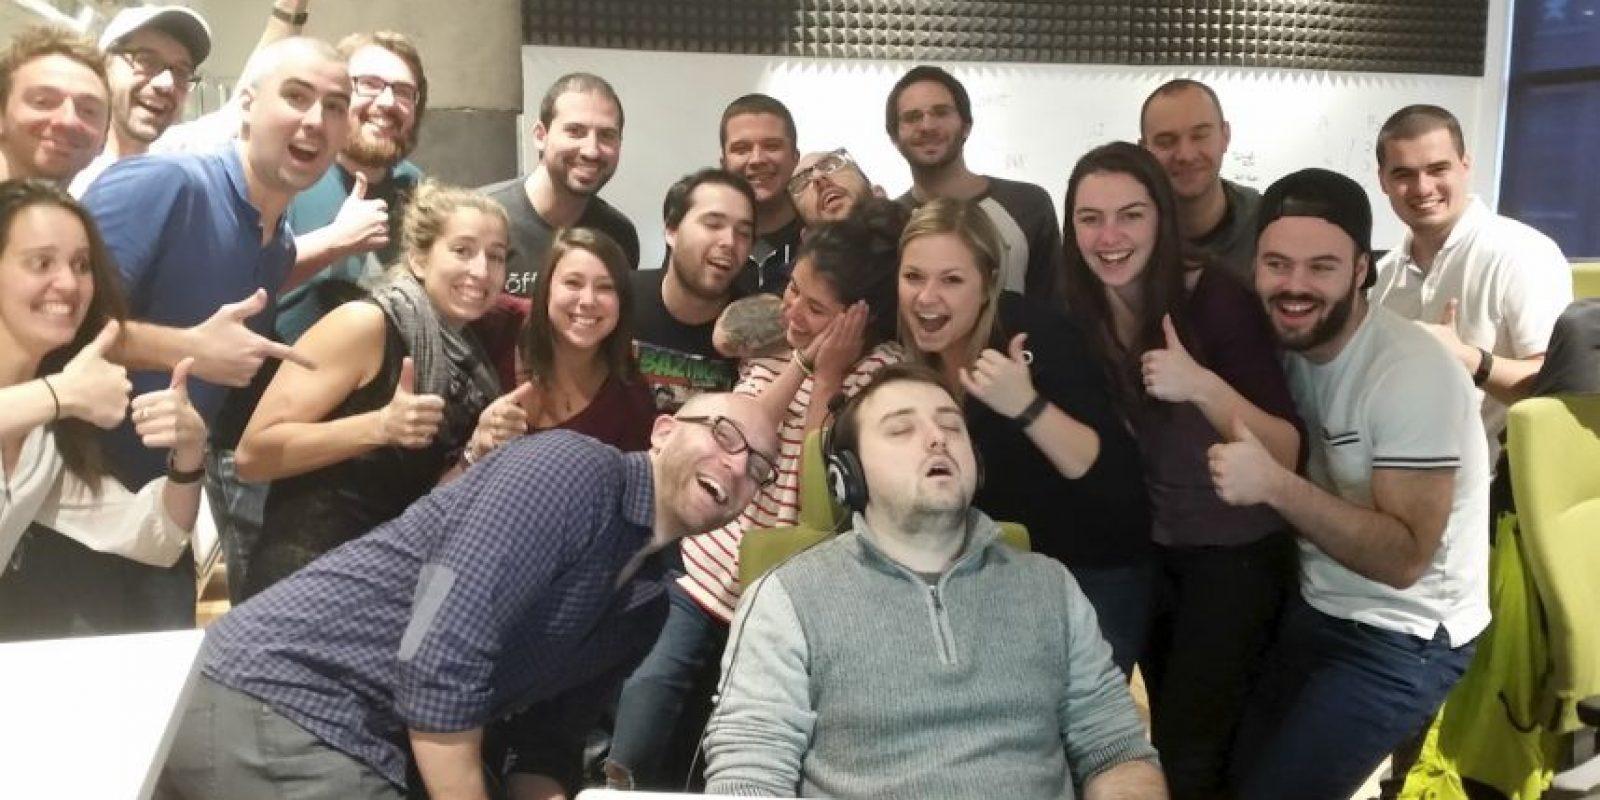 Todo comenzó con una simple foto. Un hombre se quedó dormido en el trabajo y sus compañeros se burlaron Foto:Imgur / Reddit